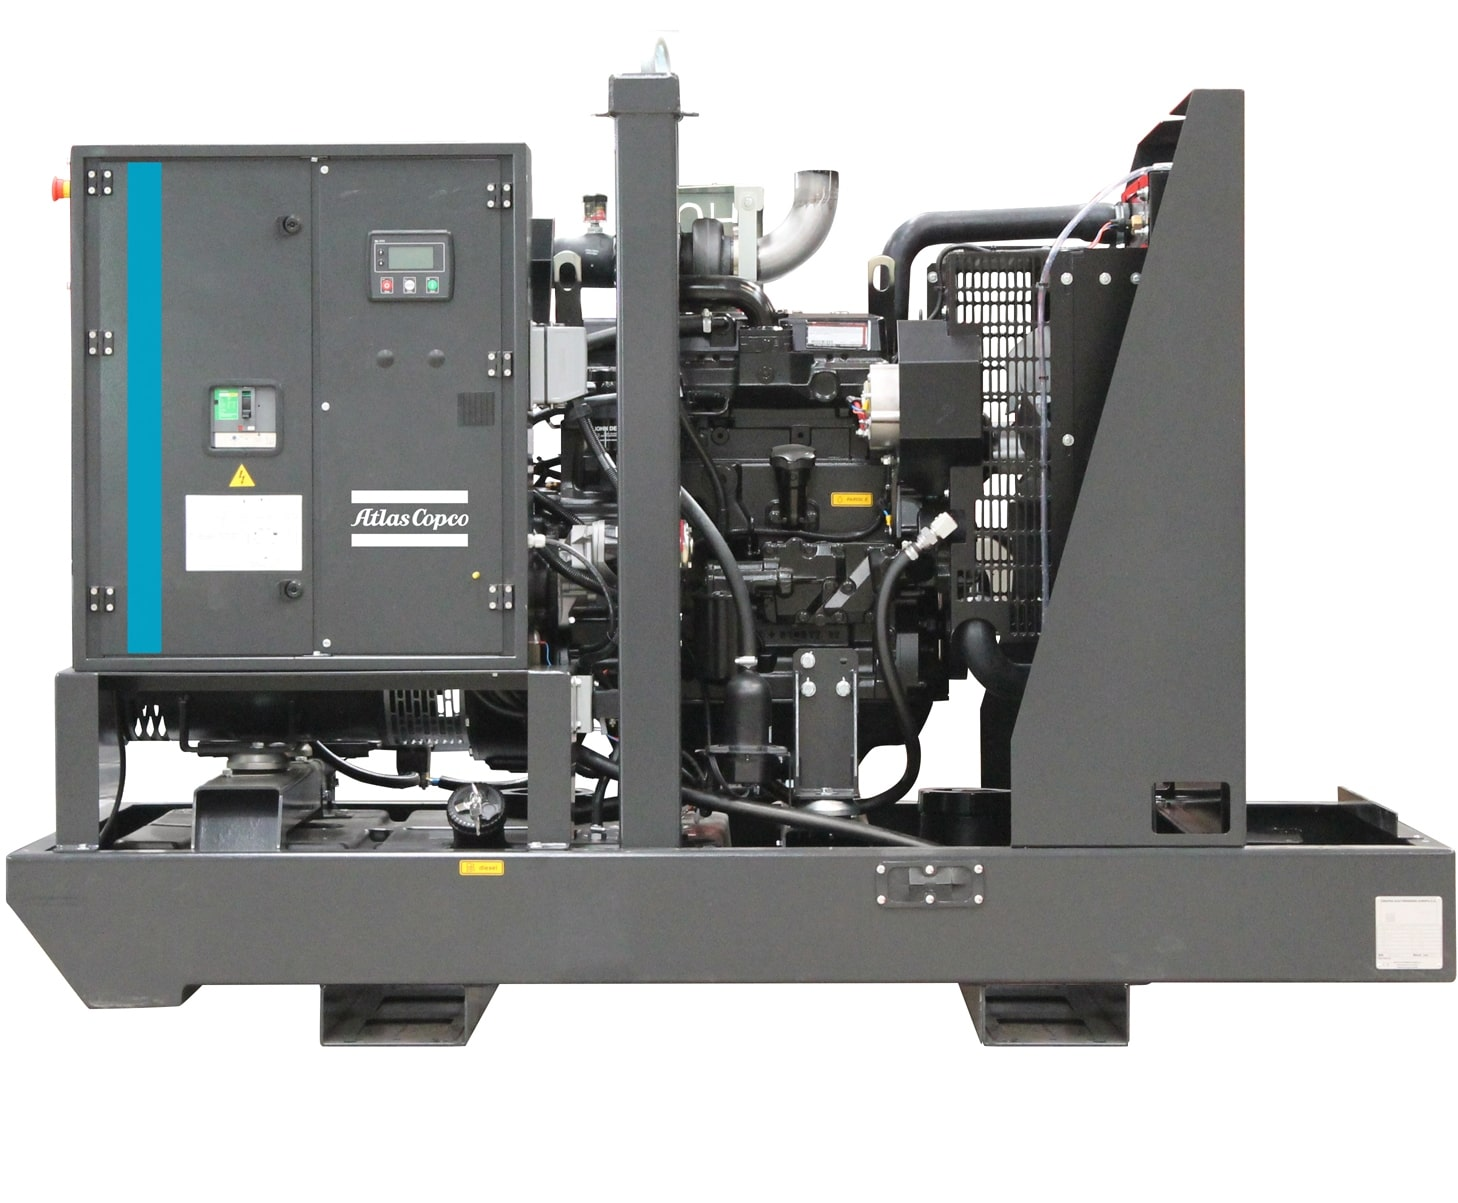 дизельная электростанция atlas copco qis 70